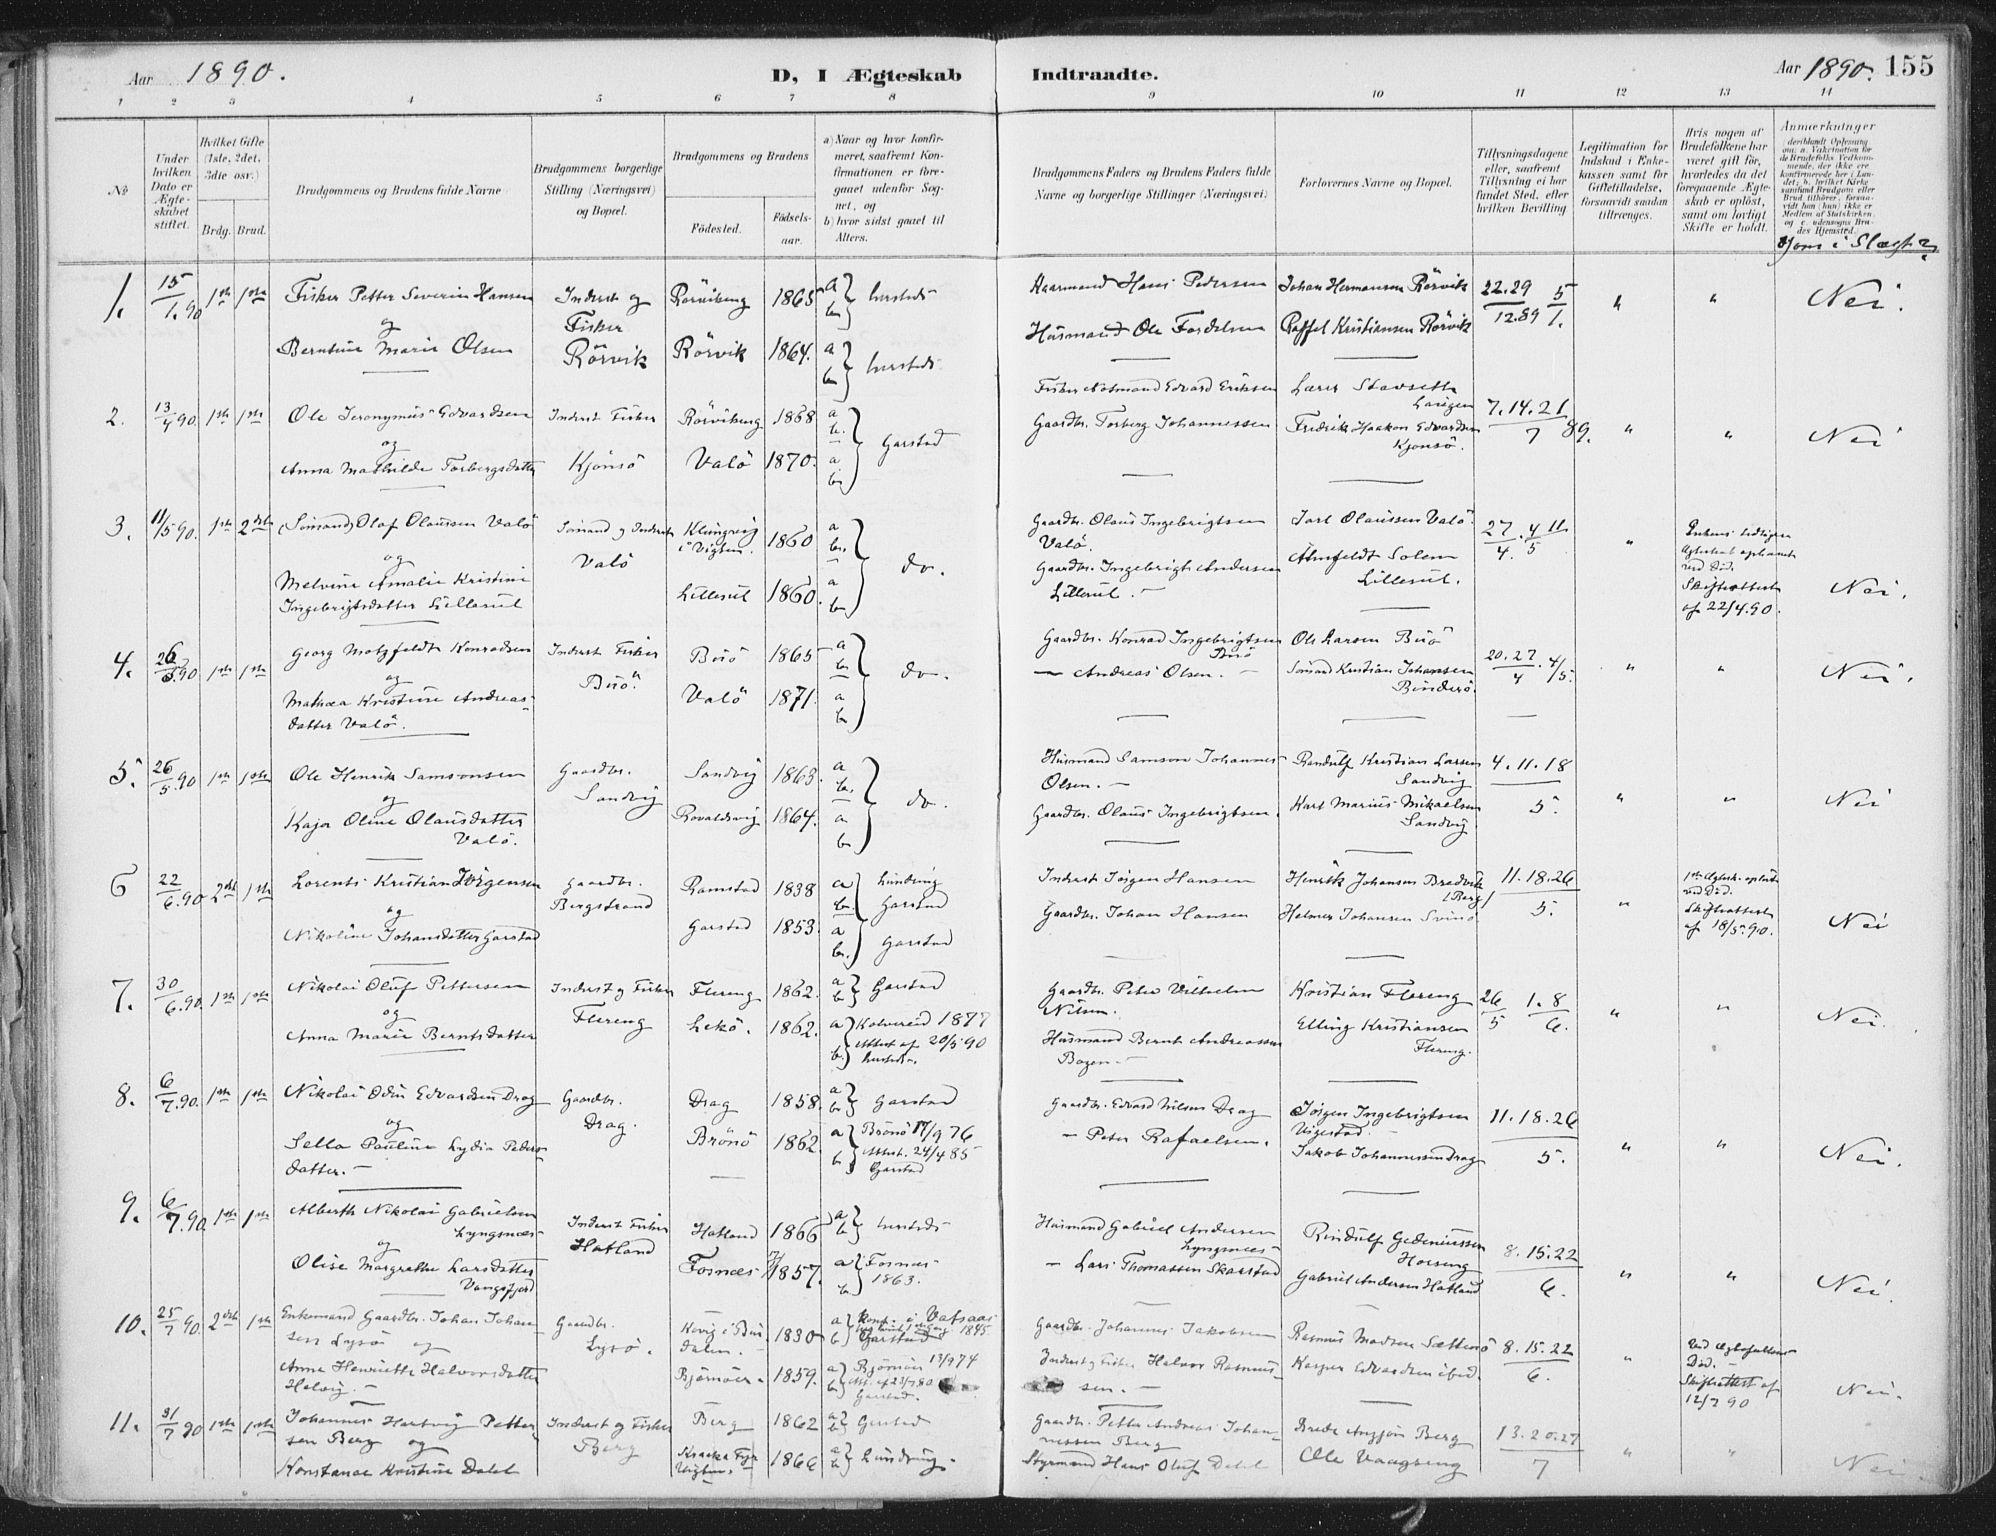 SAT, Ministerialprotokoller, klokkerbøker og fødselsregistre - Nord-Trøndelag, 786/L0687: Ministerialbok nr. 786A03, 1888-1898, s. 155